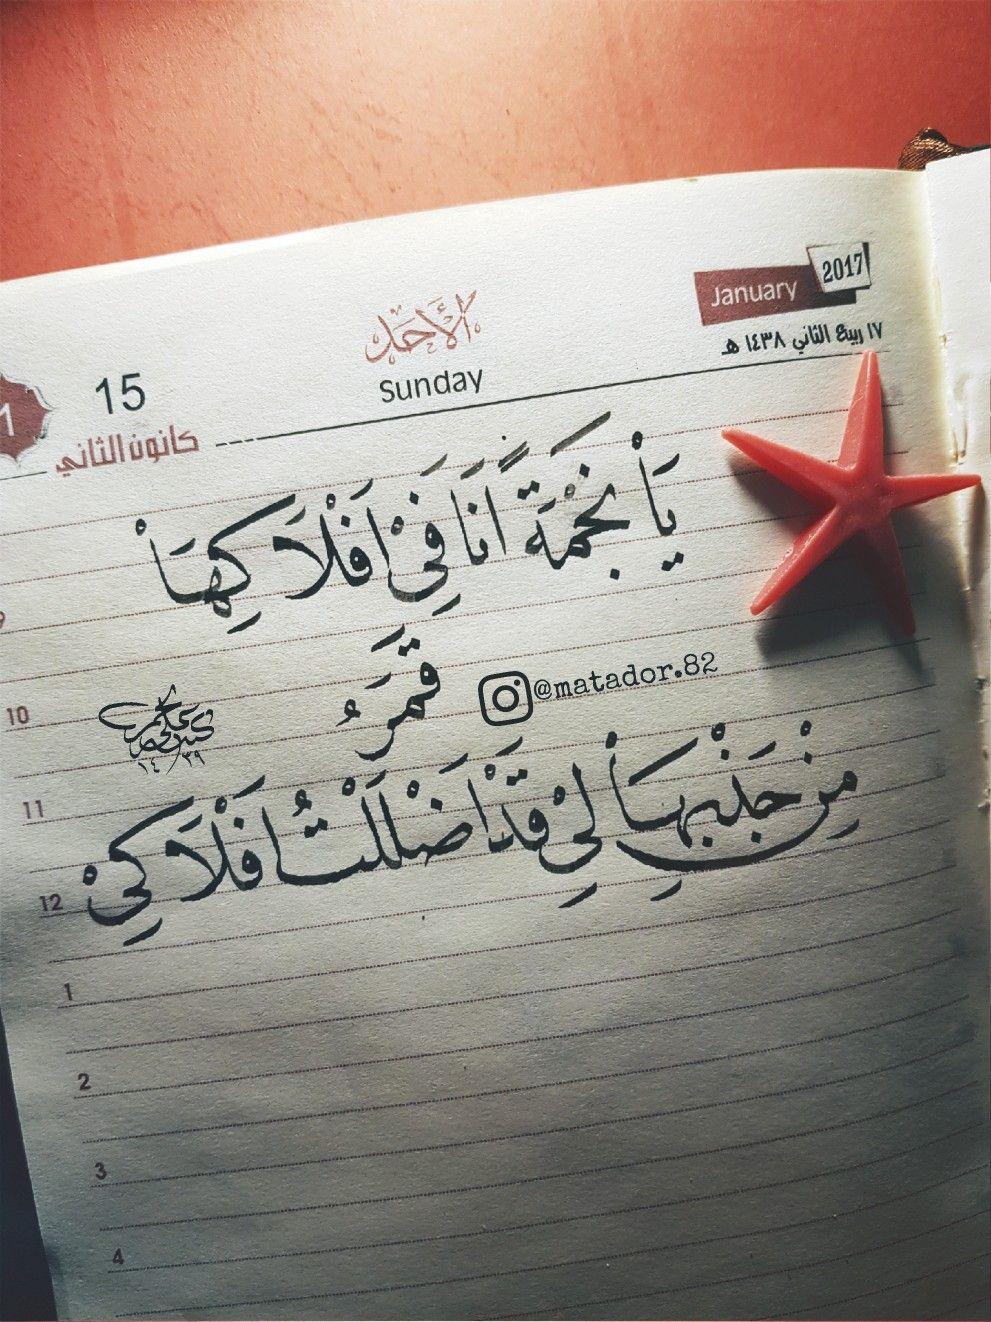 يا نجمة خواطر العراق خط عربي Arabic Words Sweet Words Arabic Love Quotes